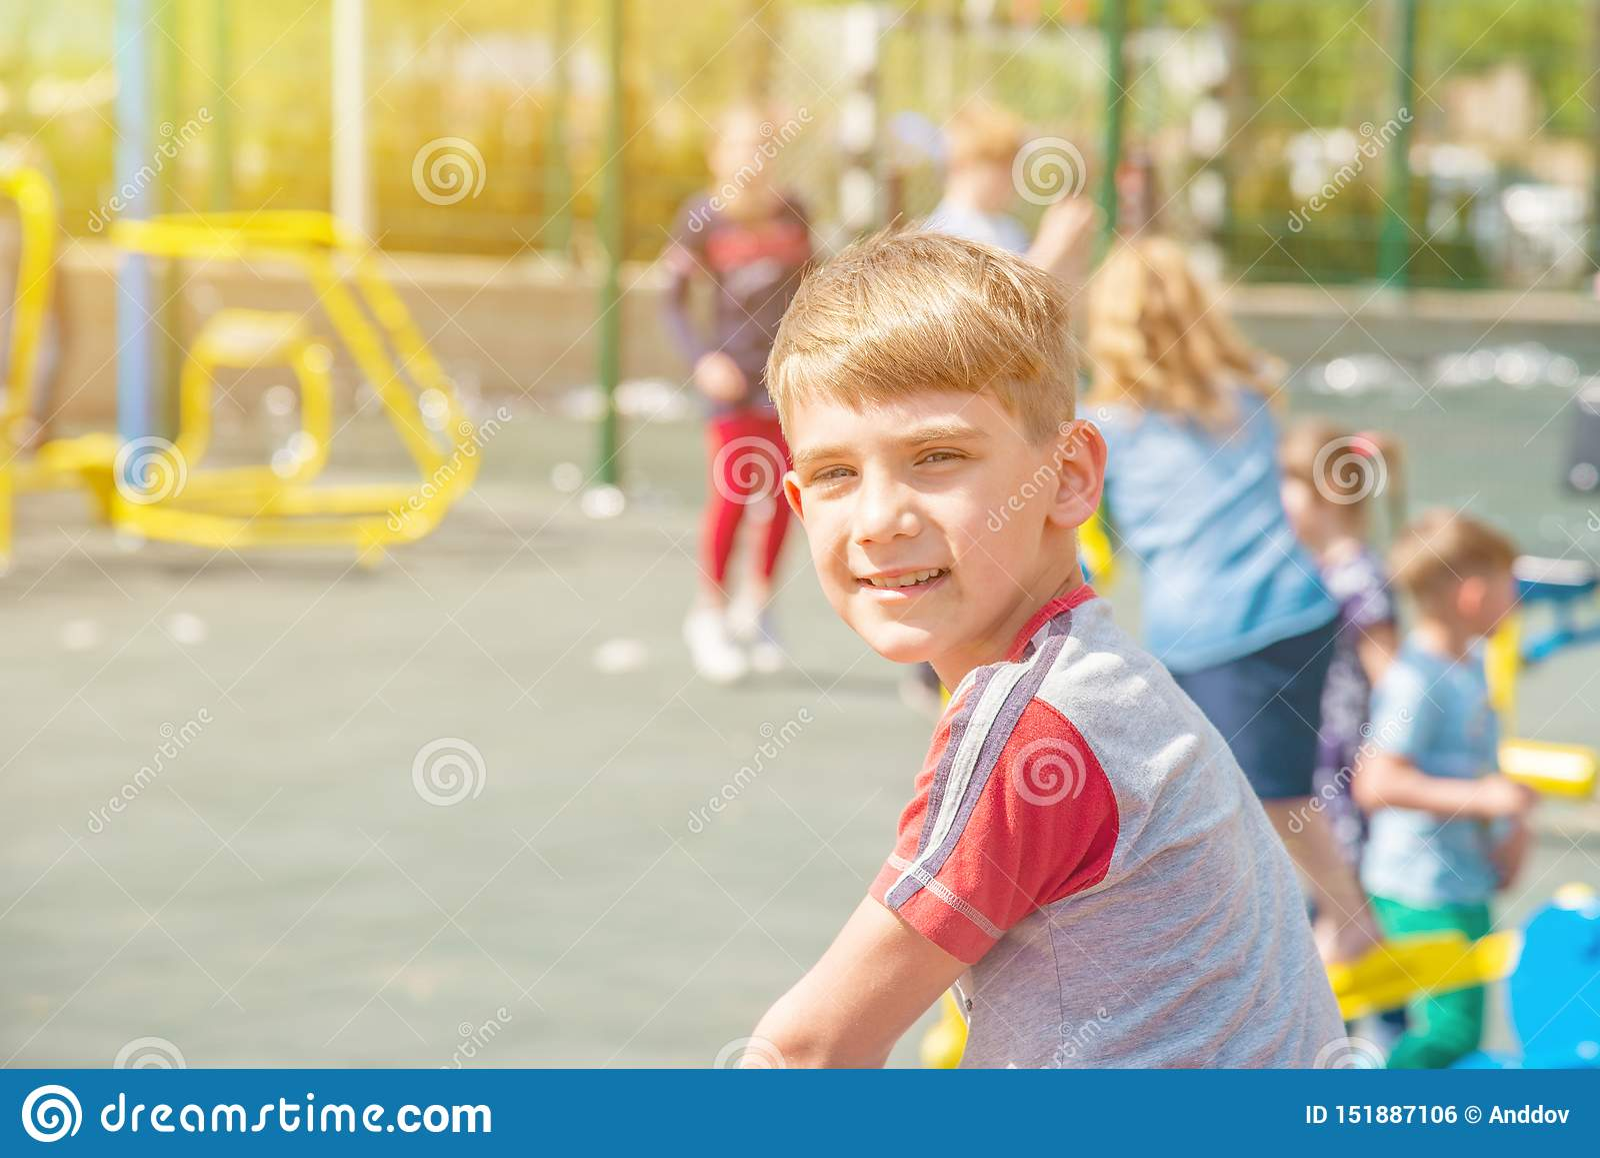 Een jongen op de speelplaats, een portret van een kind tegen de achtergrond van de schommeling van kinderen en vermaak